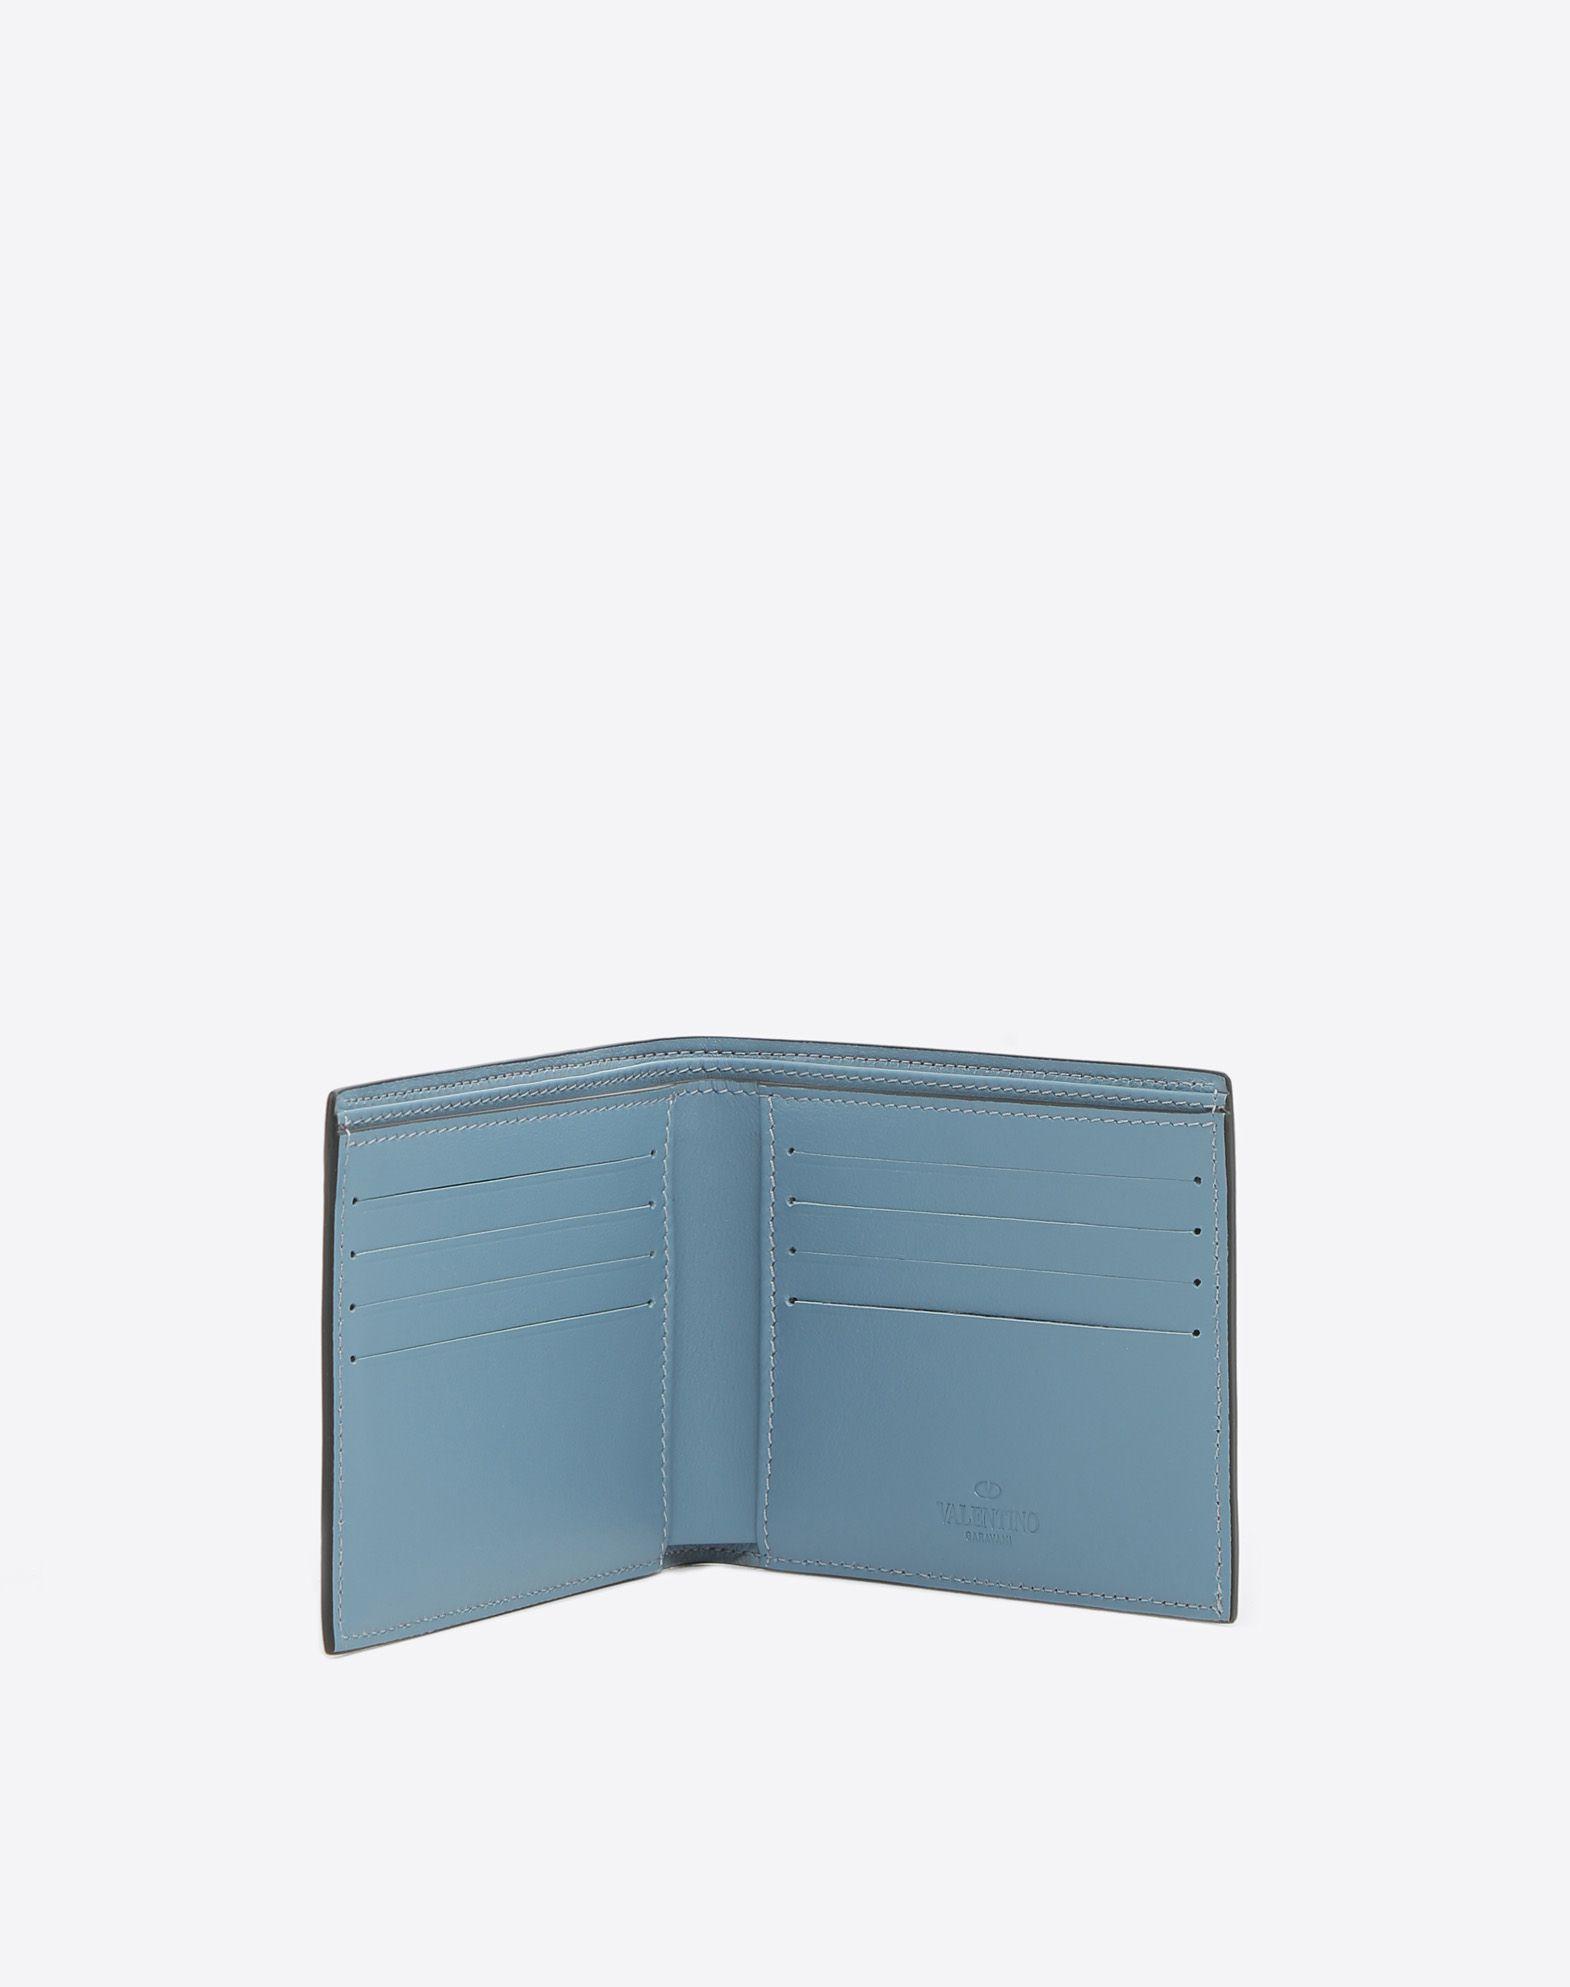 VALENTINO GARAVANI UOMO Rockstud Billfold Wallet COMPACT WALLETS U a